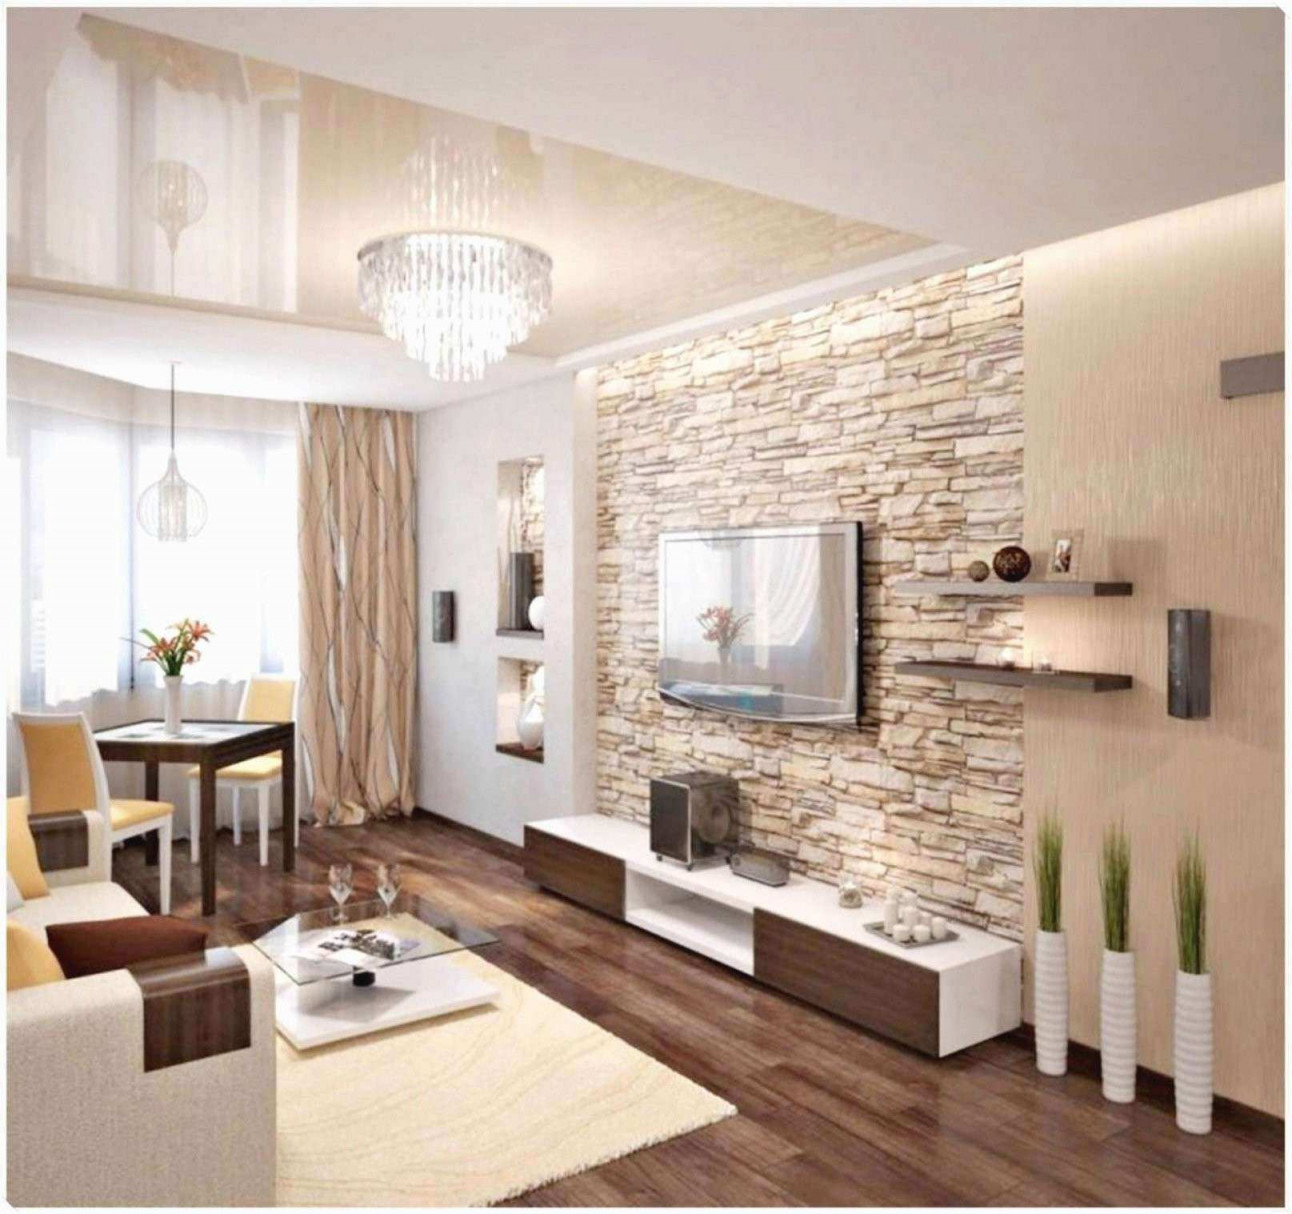 Wohnung Einrichten Tipps Frisch 31 Neu Wohnzimmer Gestalten von Wohnung Wohnzimmer Ideen Bild